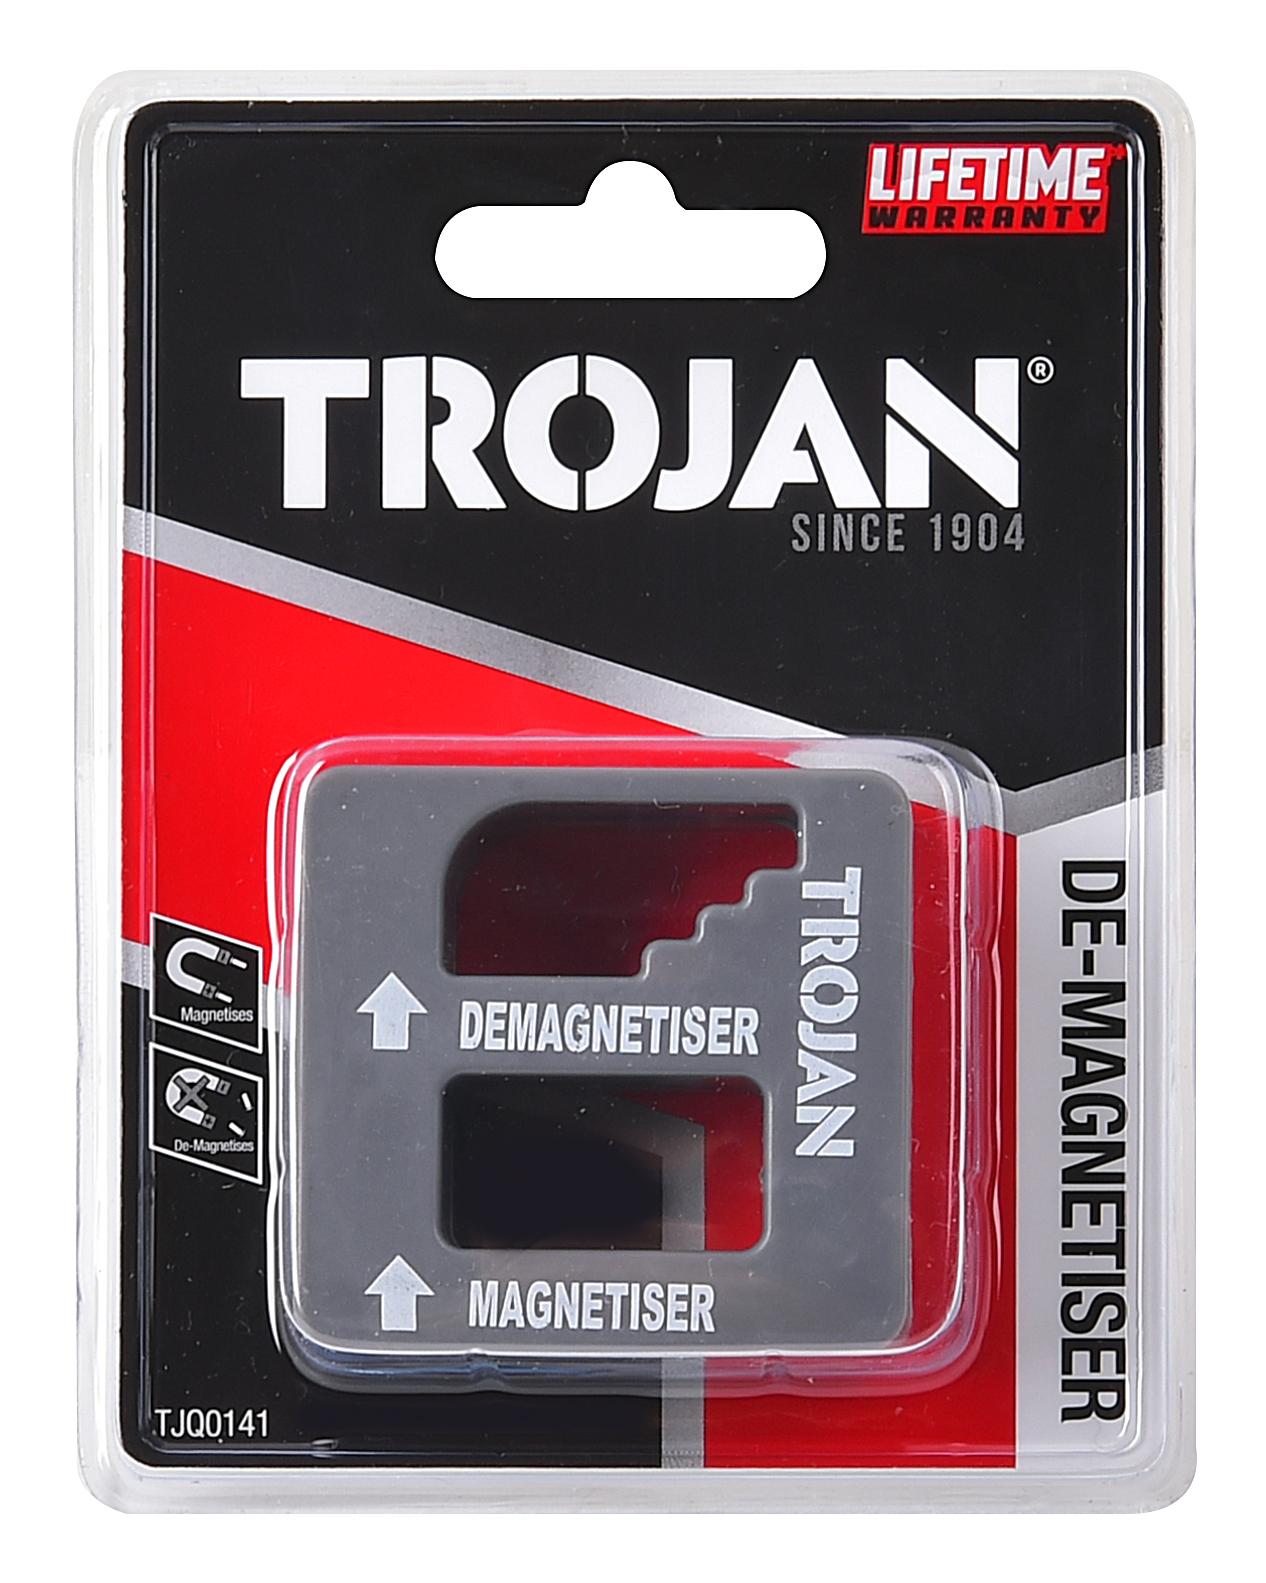 Trojan Demagnetiser Screwdriver